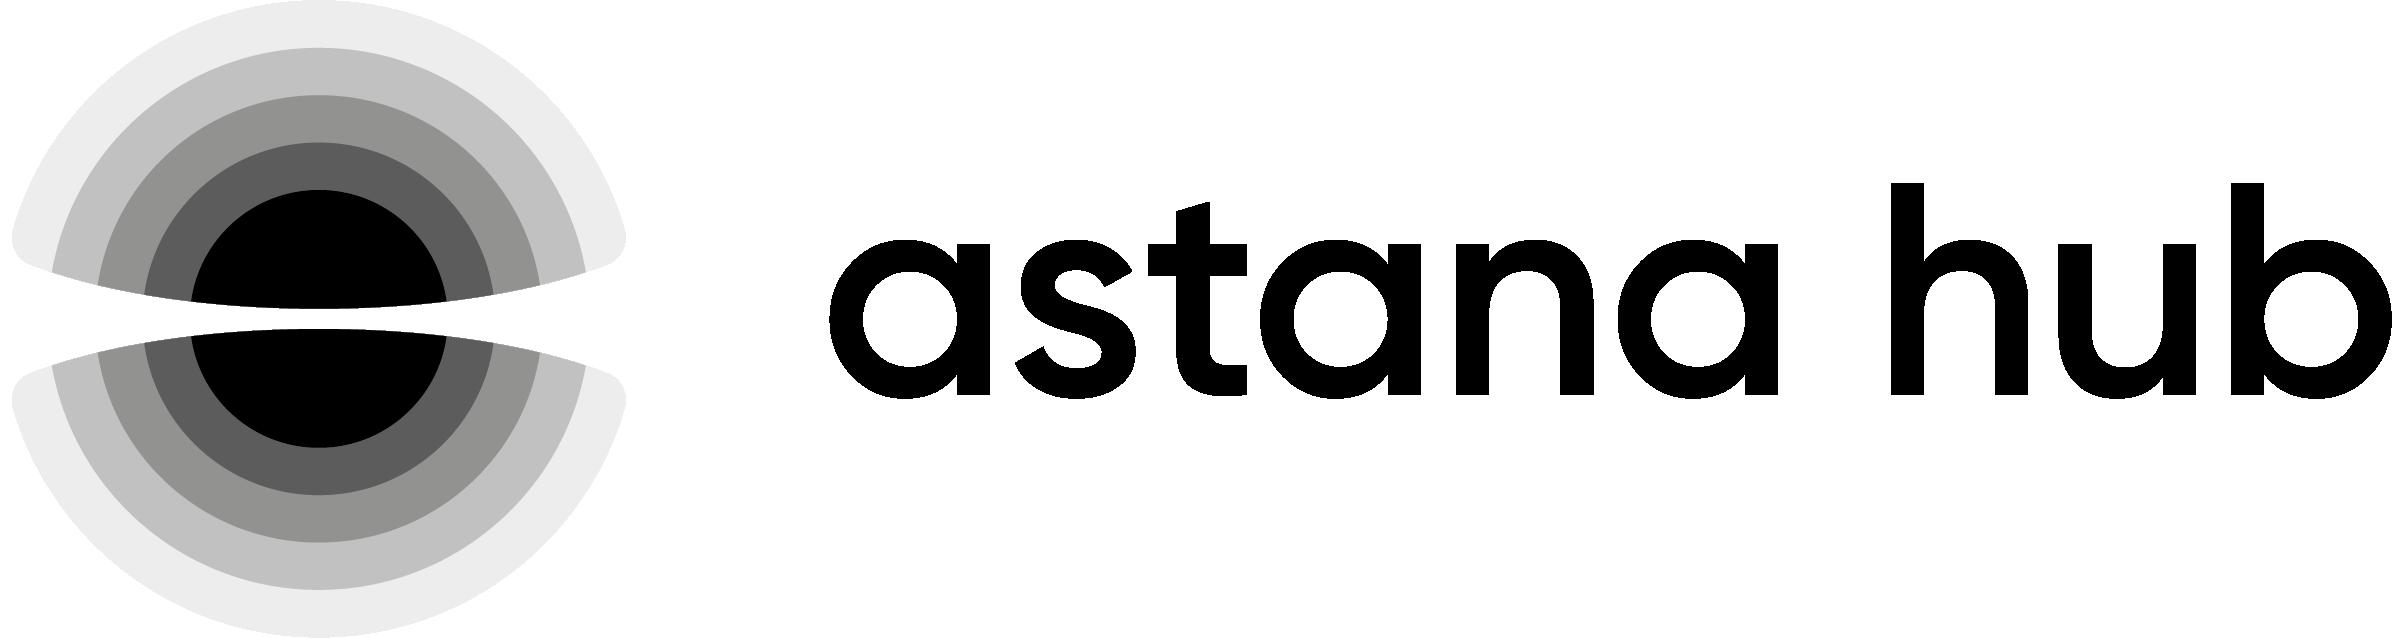 astanahub